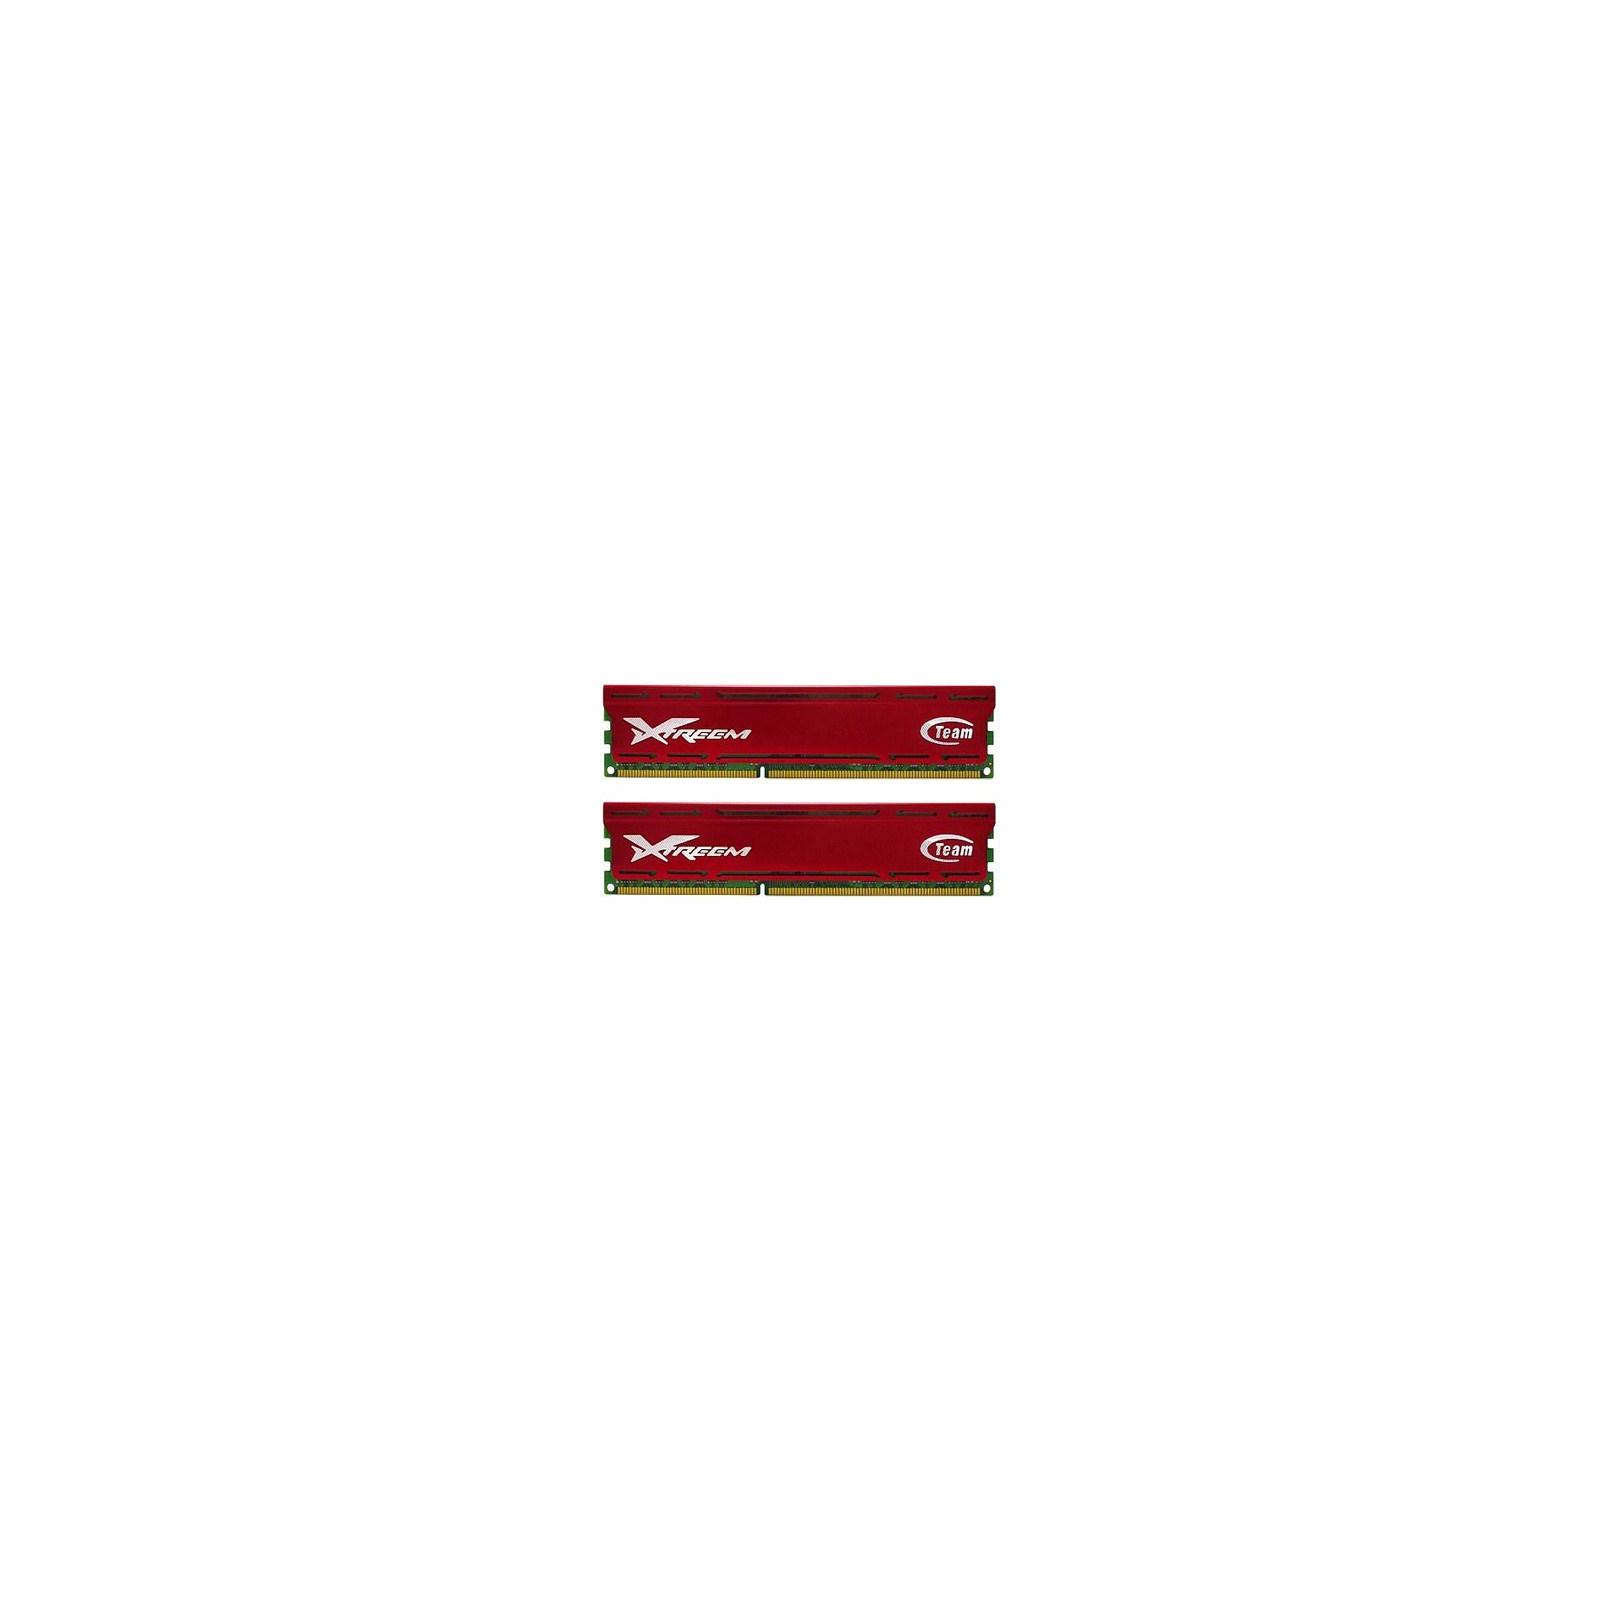 Модуль памяти для компьютера DDR3 16GB (2x8GB) 1600 MHz Team (TLD316G1600HC10ADC01)